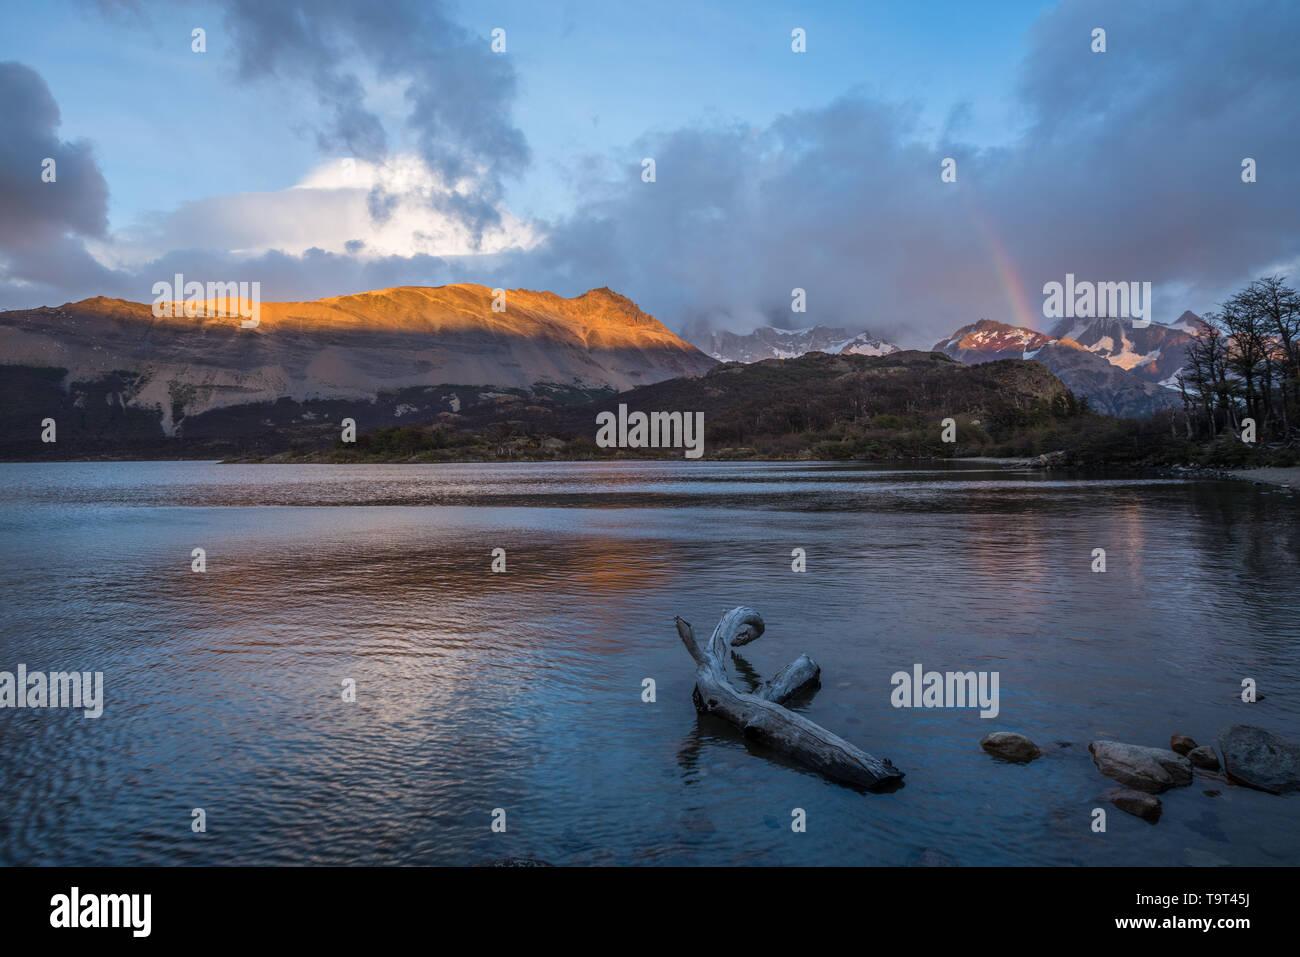 Amanecer ilumina la Loma de las pizarras por Lago Capri en el Parque Nacional Los Glaciares, cerca de El Chaltén, Argentina. Un sitio de Patrimonio Mundial de la UNESCO en t Foto de stock